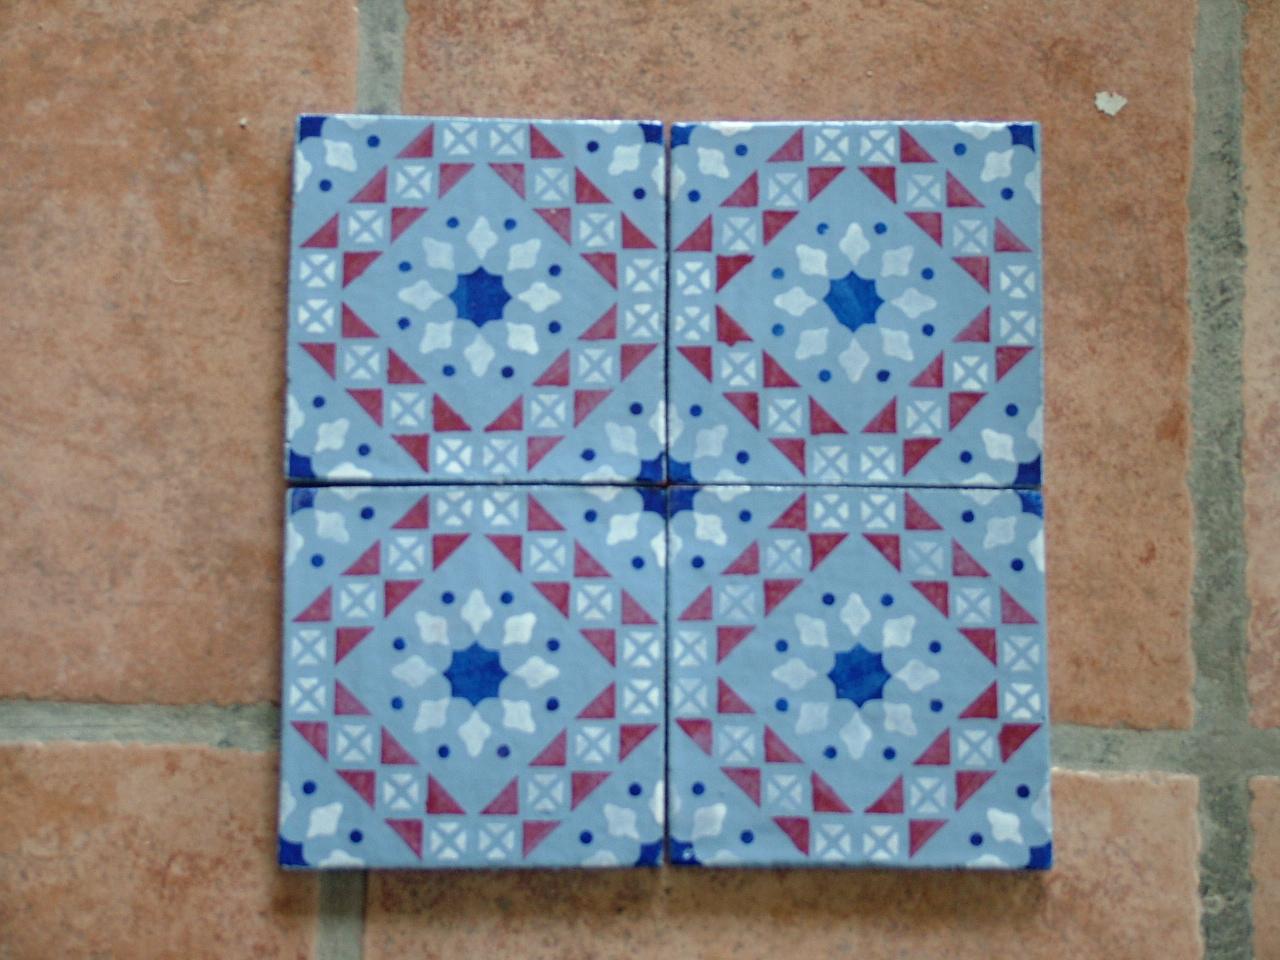 Scheda prodotto: piastrella 20x20 Ceramiche Torcivia srl